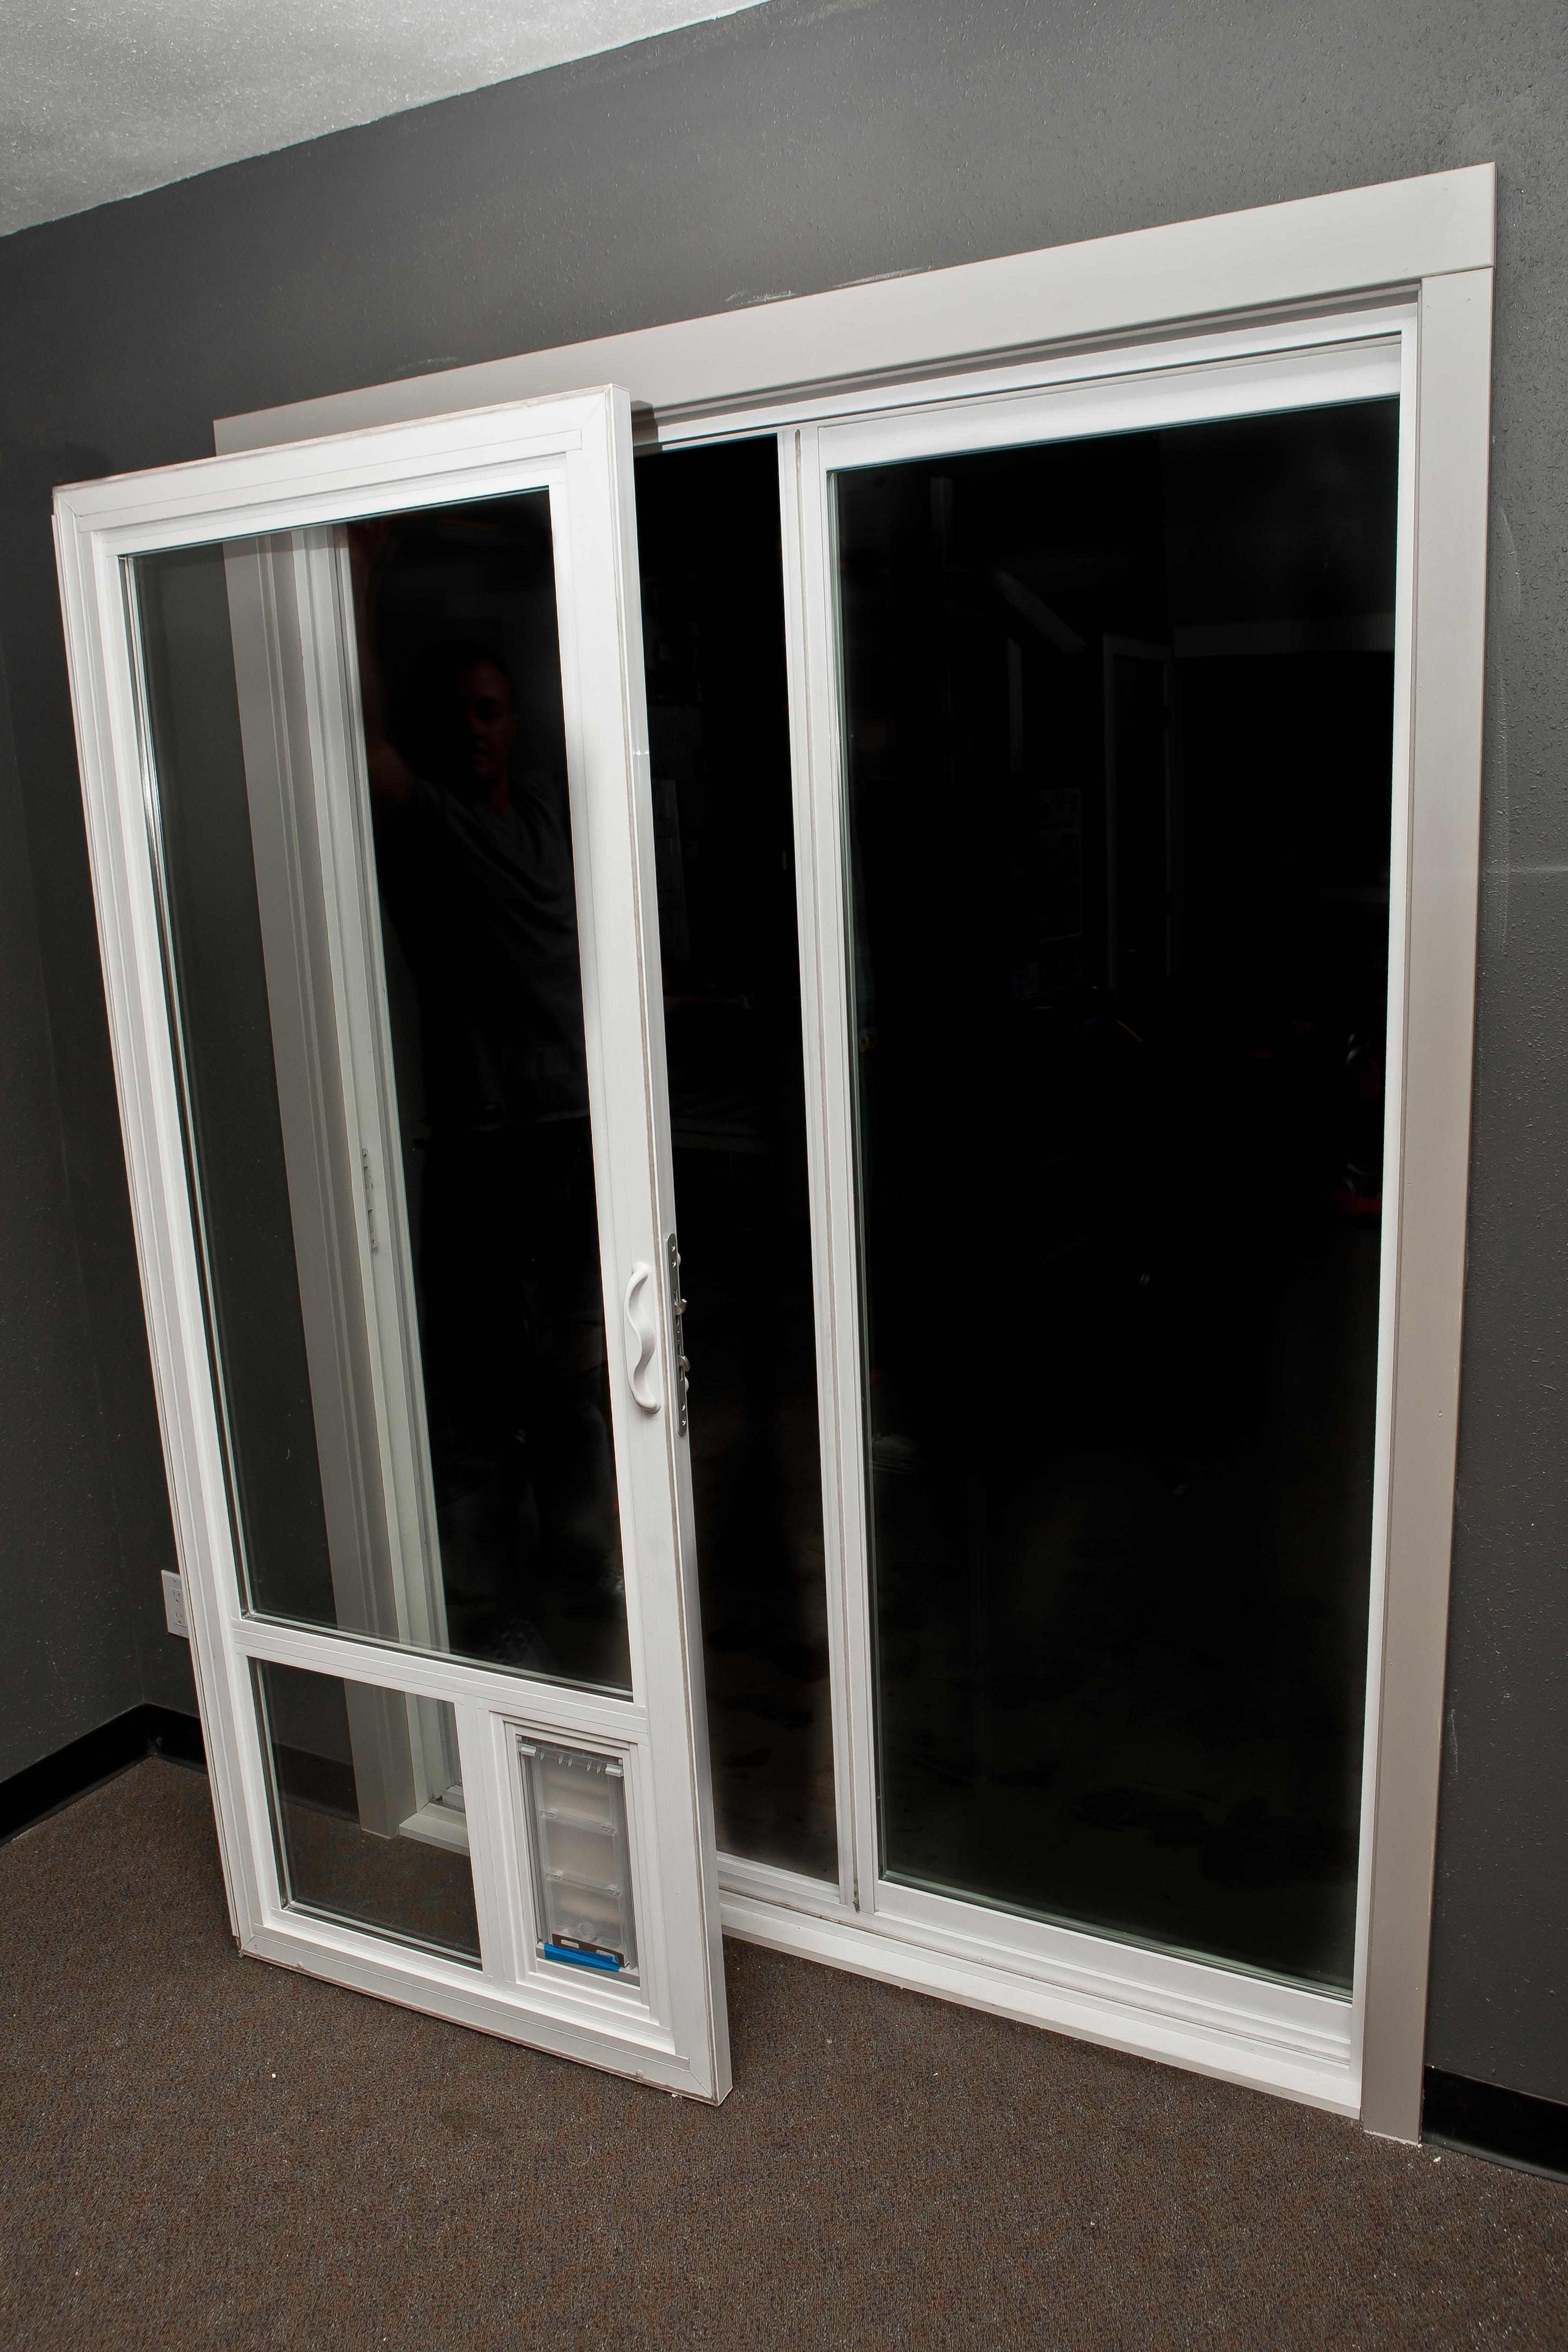 Cat Door Insert For Sliding Doorglass exterior door with pet door full view glass insert with pet